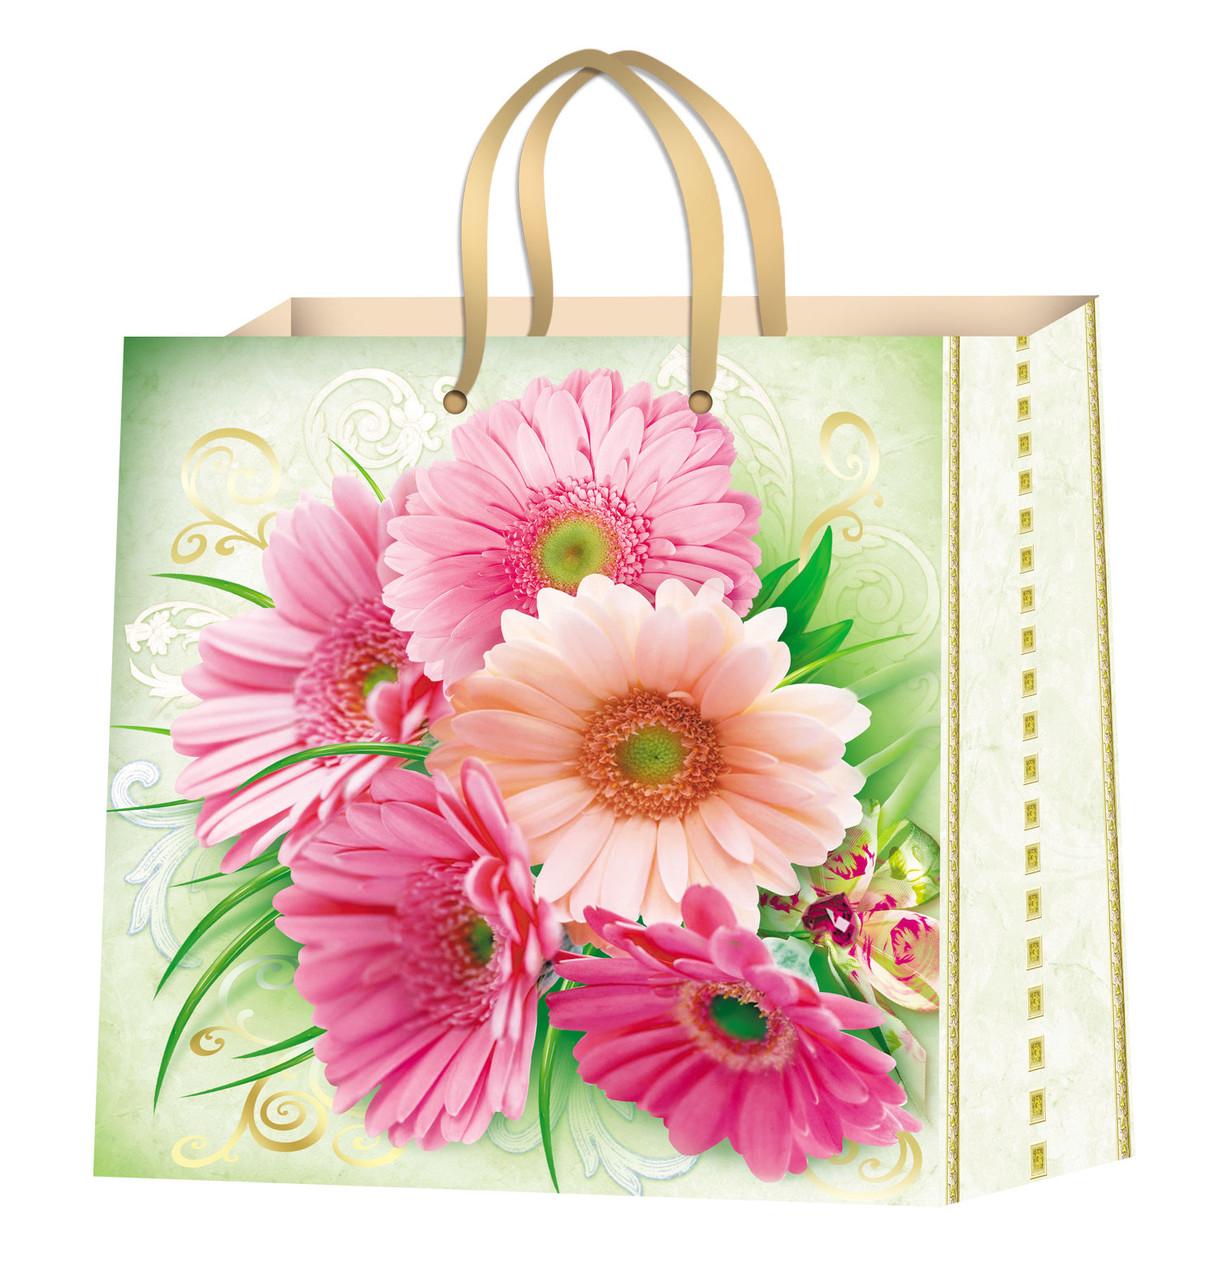 Новогодний мешок для подарков в интернет-магазине 123